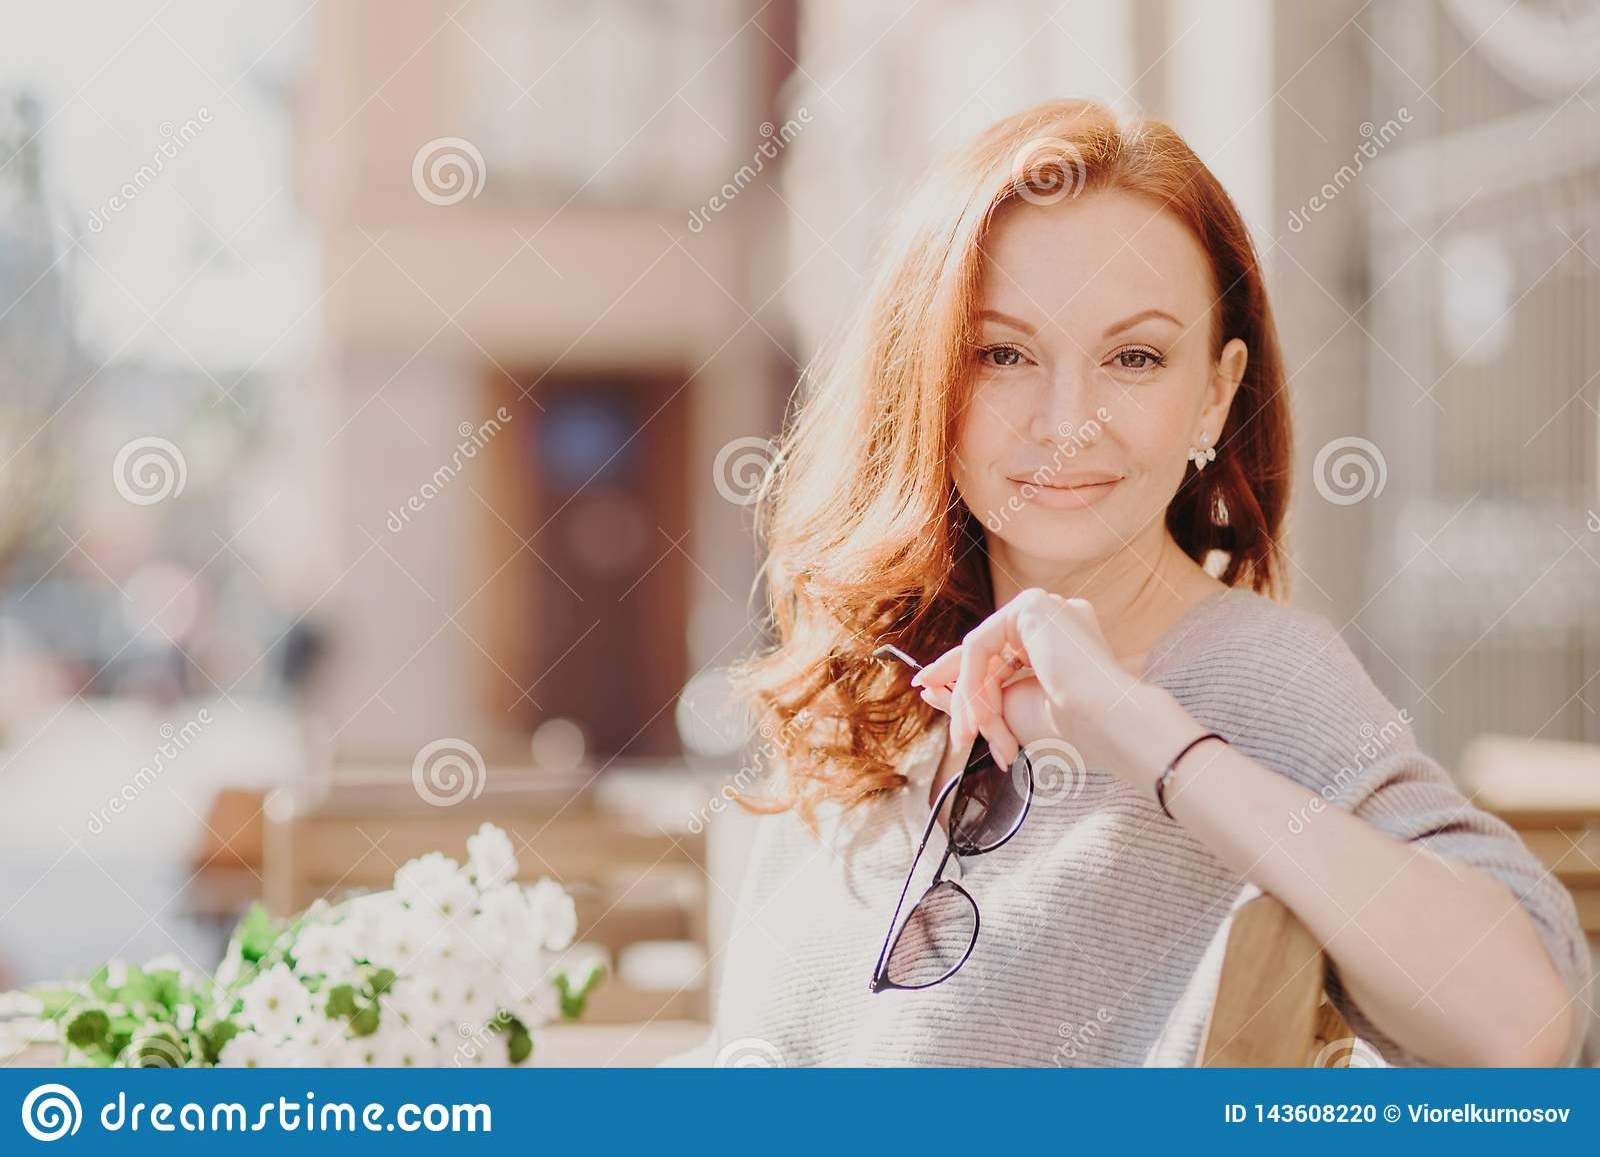 Ο οριζόντιος πυροβολισμός της ελκυστικής ευτυχούς κοκκινομάλλους γυναίκας κάθεται στον πάγκο, απολαμβάνει την ηλιόλουστη ημέρα, κ